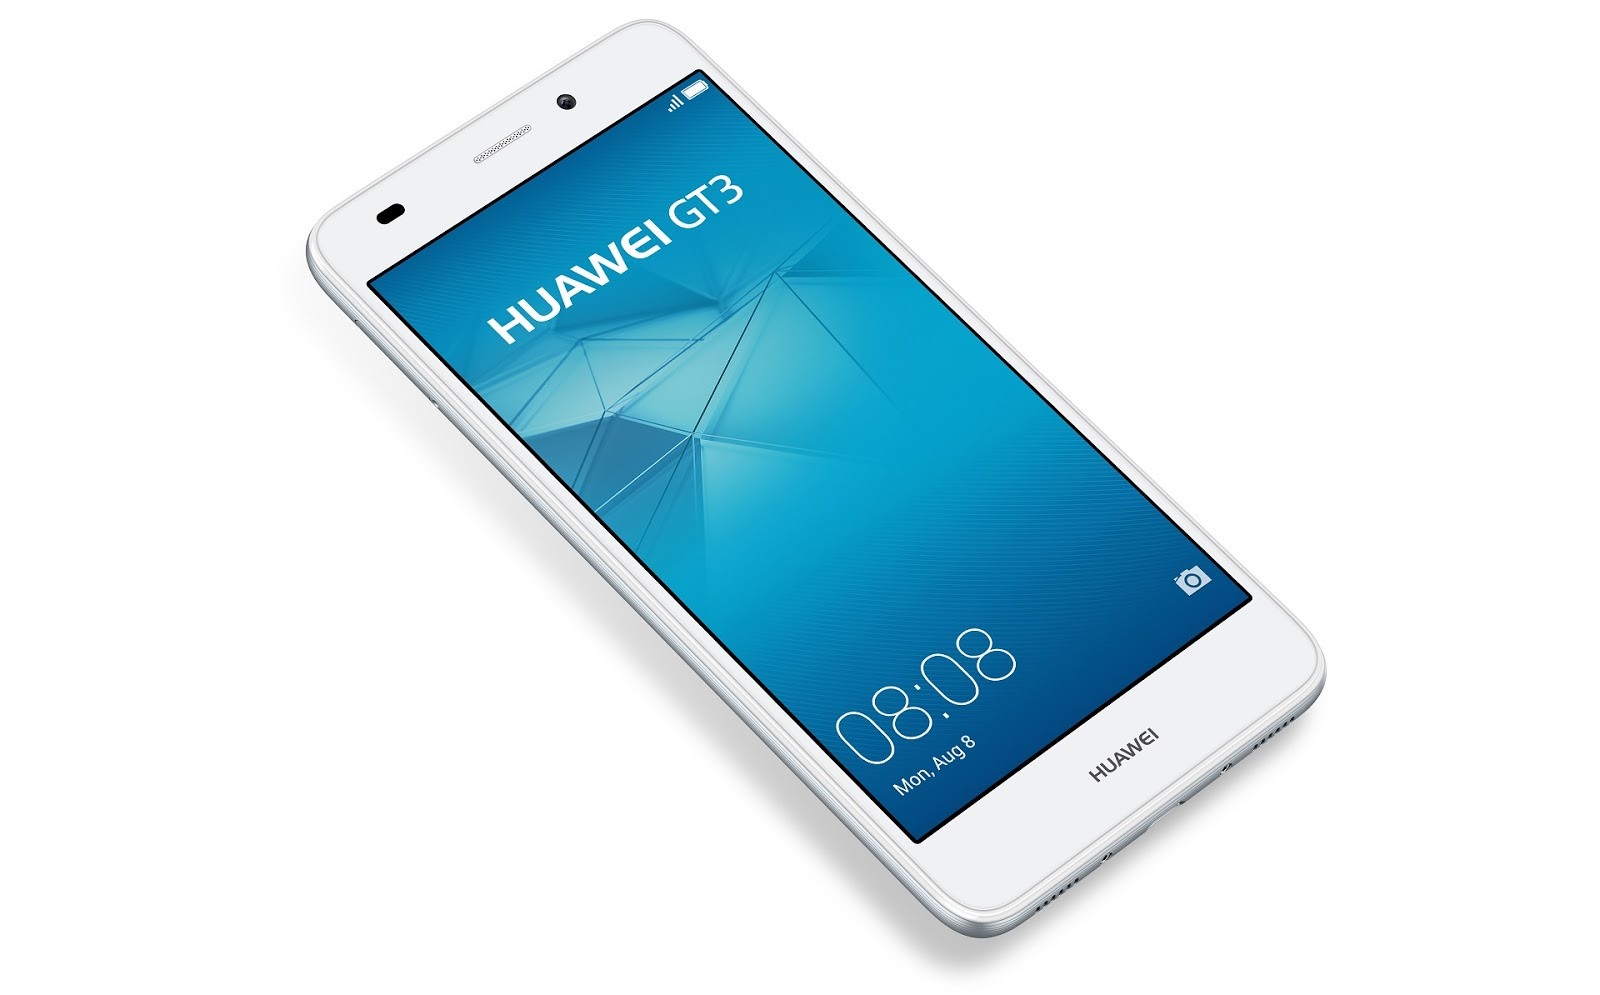 Come rimuovere il PIN della SIM all'accensione del telefono su Huawei GT3 - disattivare PIN su Android